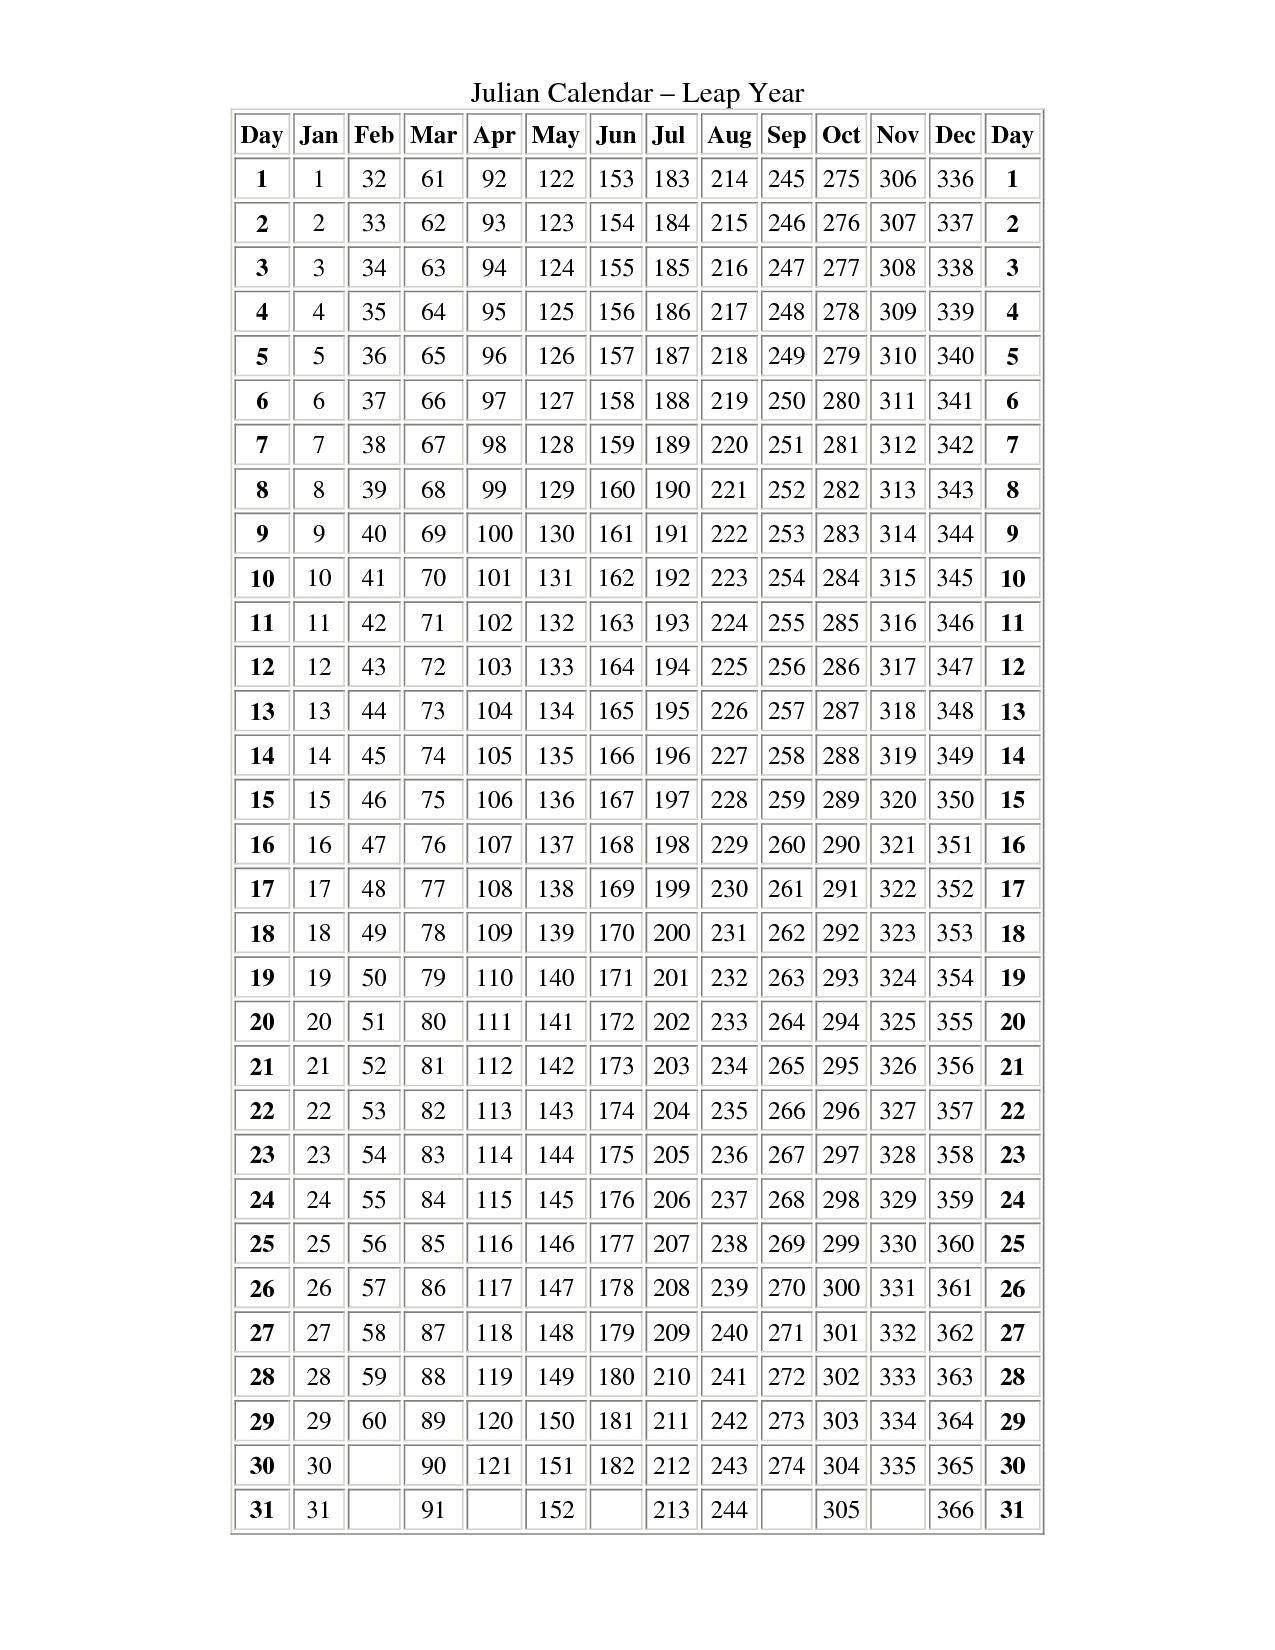 Julian Calendar Non Leap Year | Calendar Printing Example